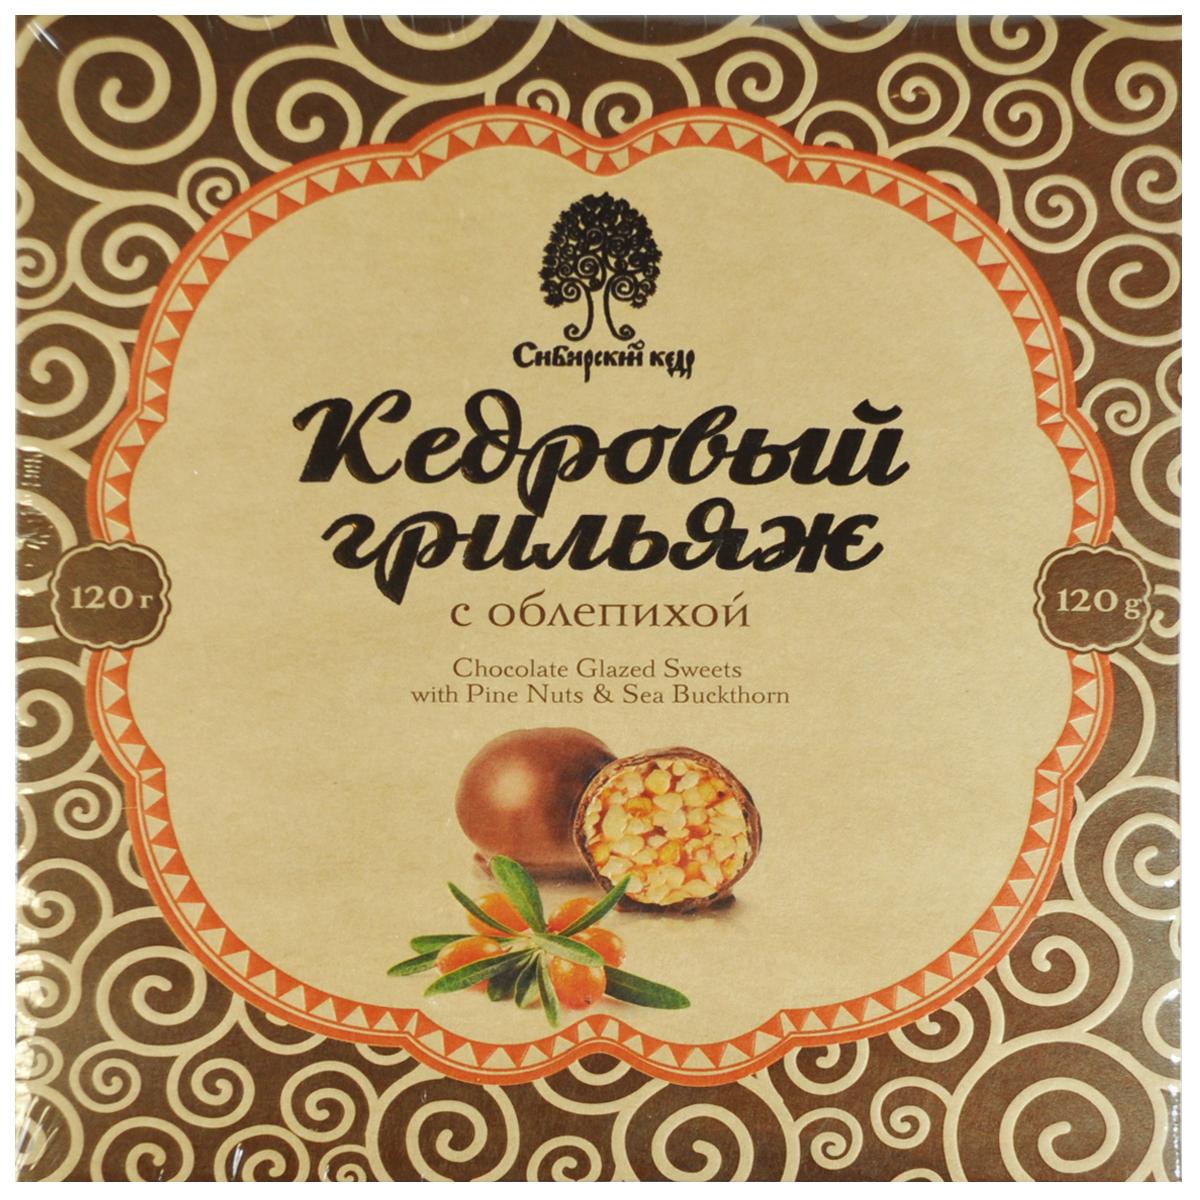 Сибирский Кедр конфеты грильяж кедровый с облепихой в шоколадной глазури, 120 г бабаевский наслаждение конфеты с мягкой карамелью в шоколадной глазури 250 г